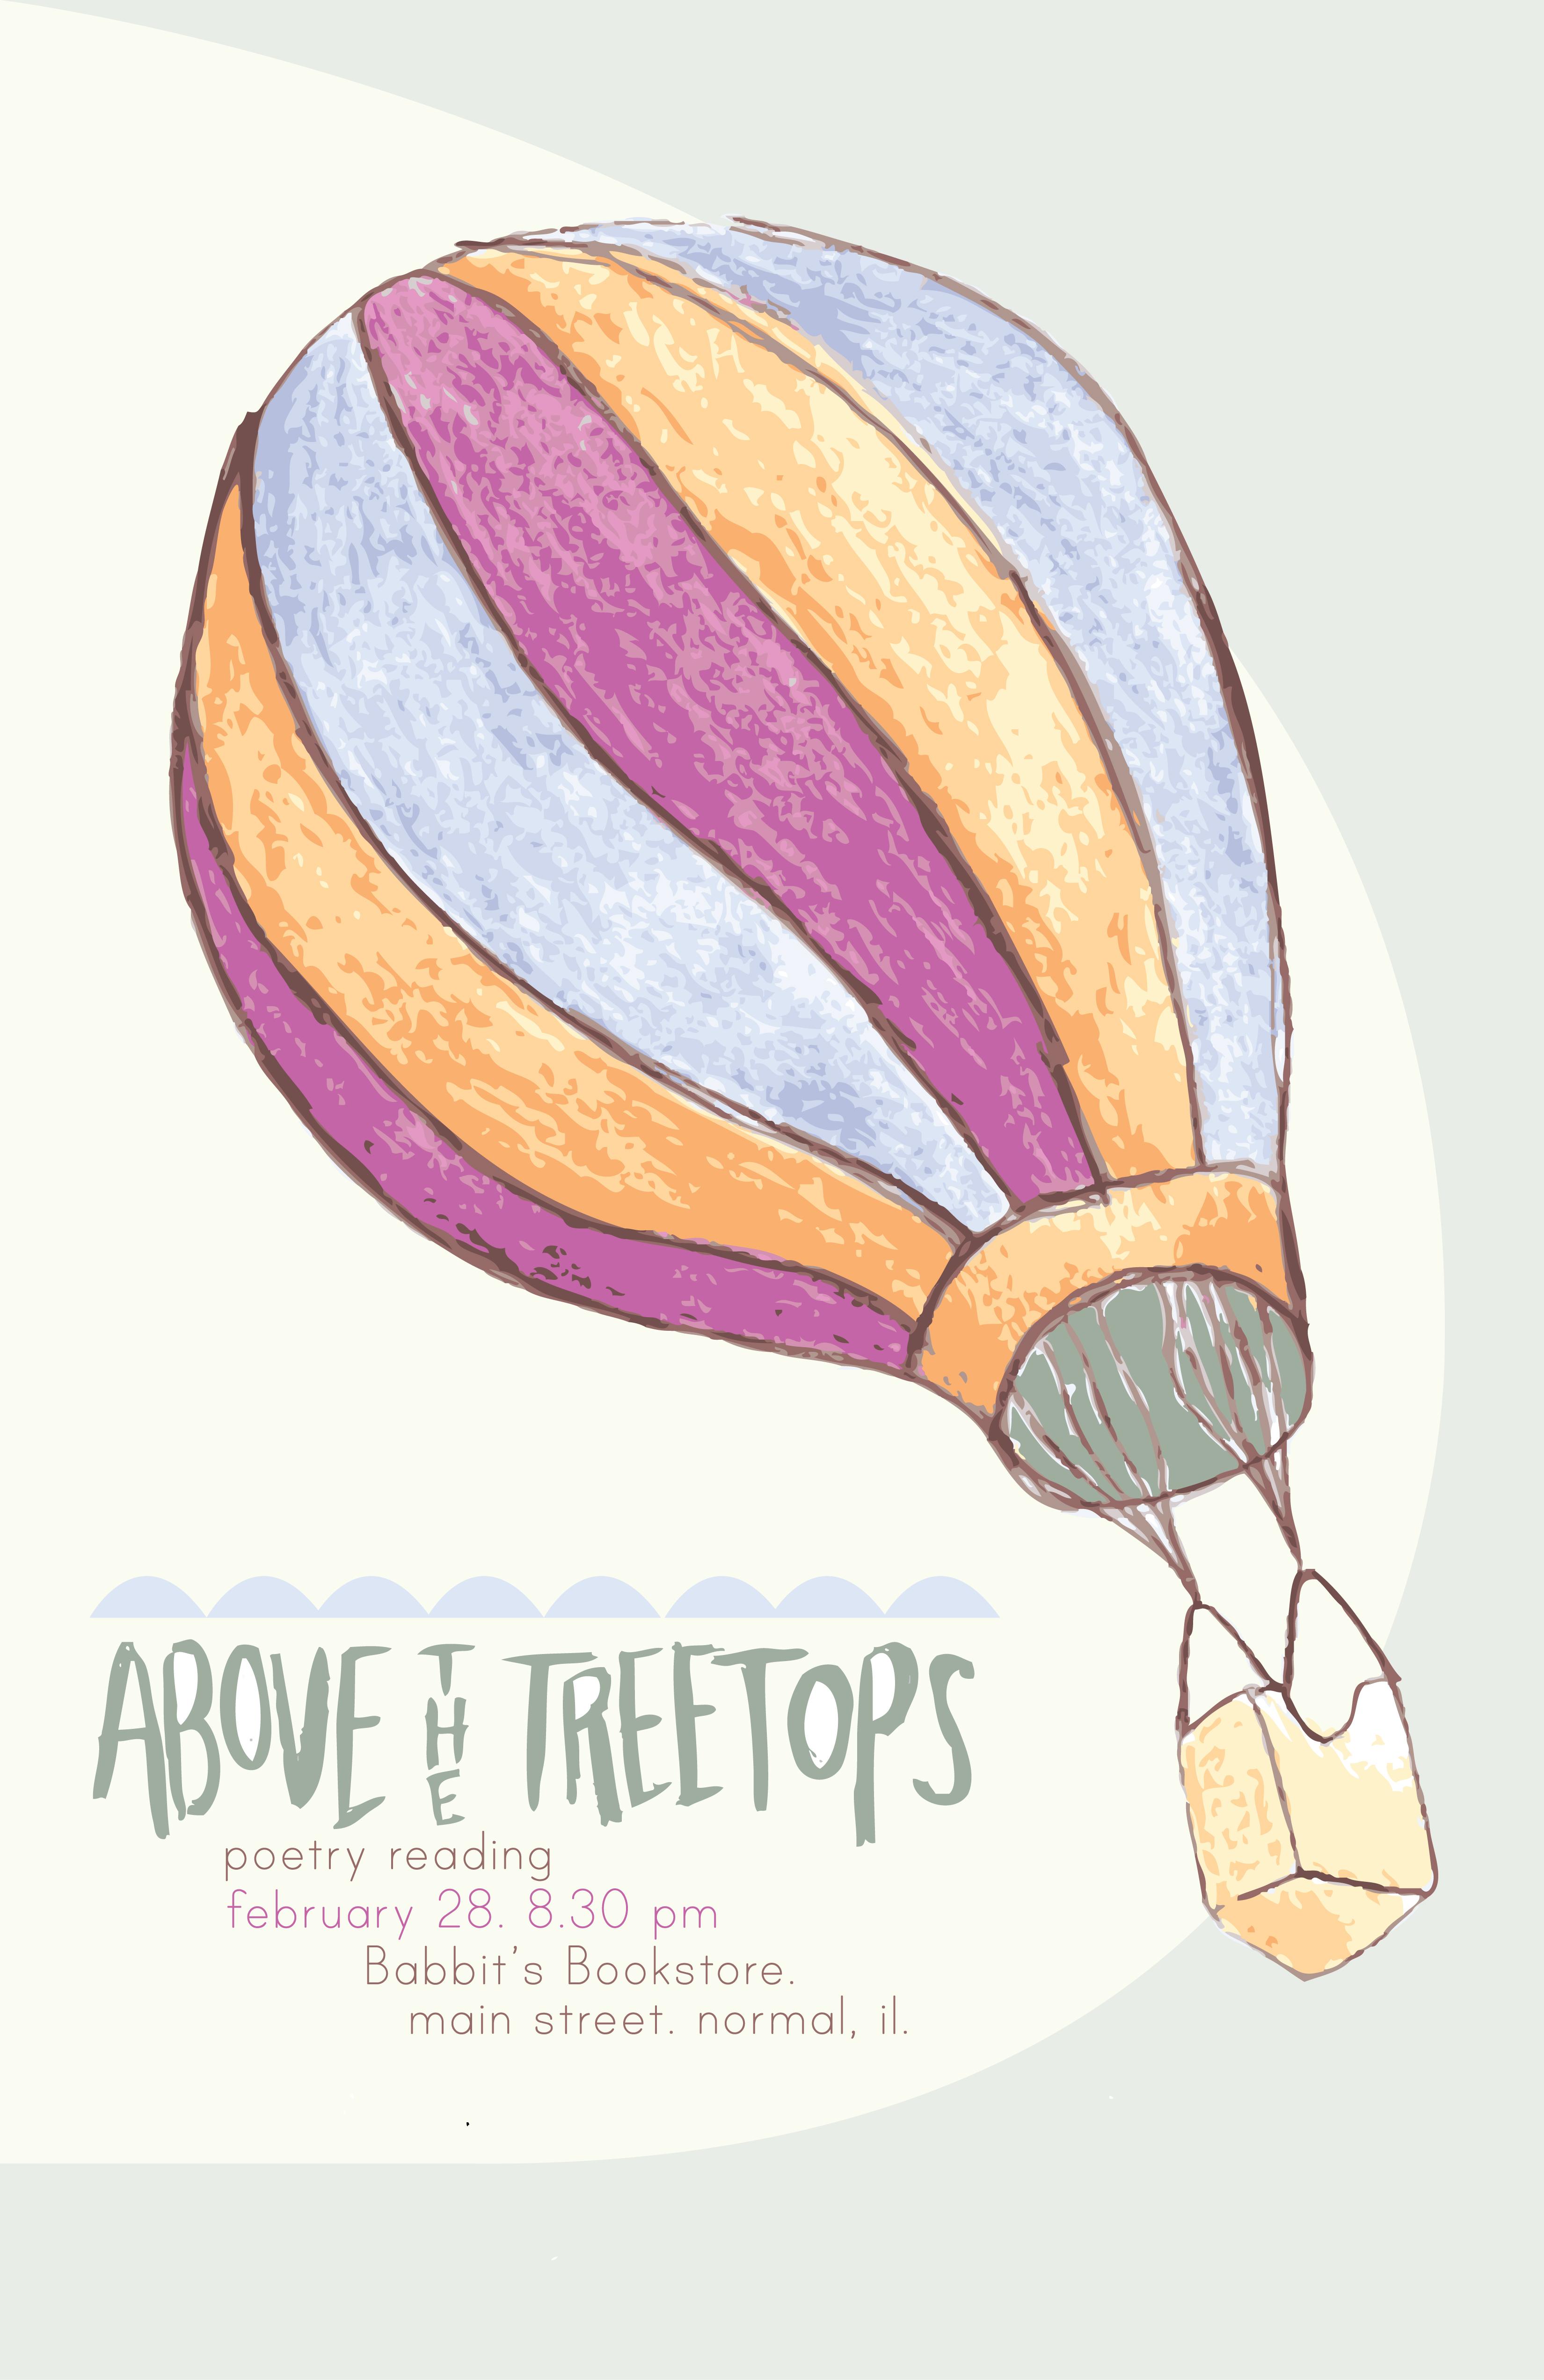 abovethetreetops